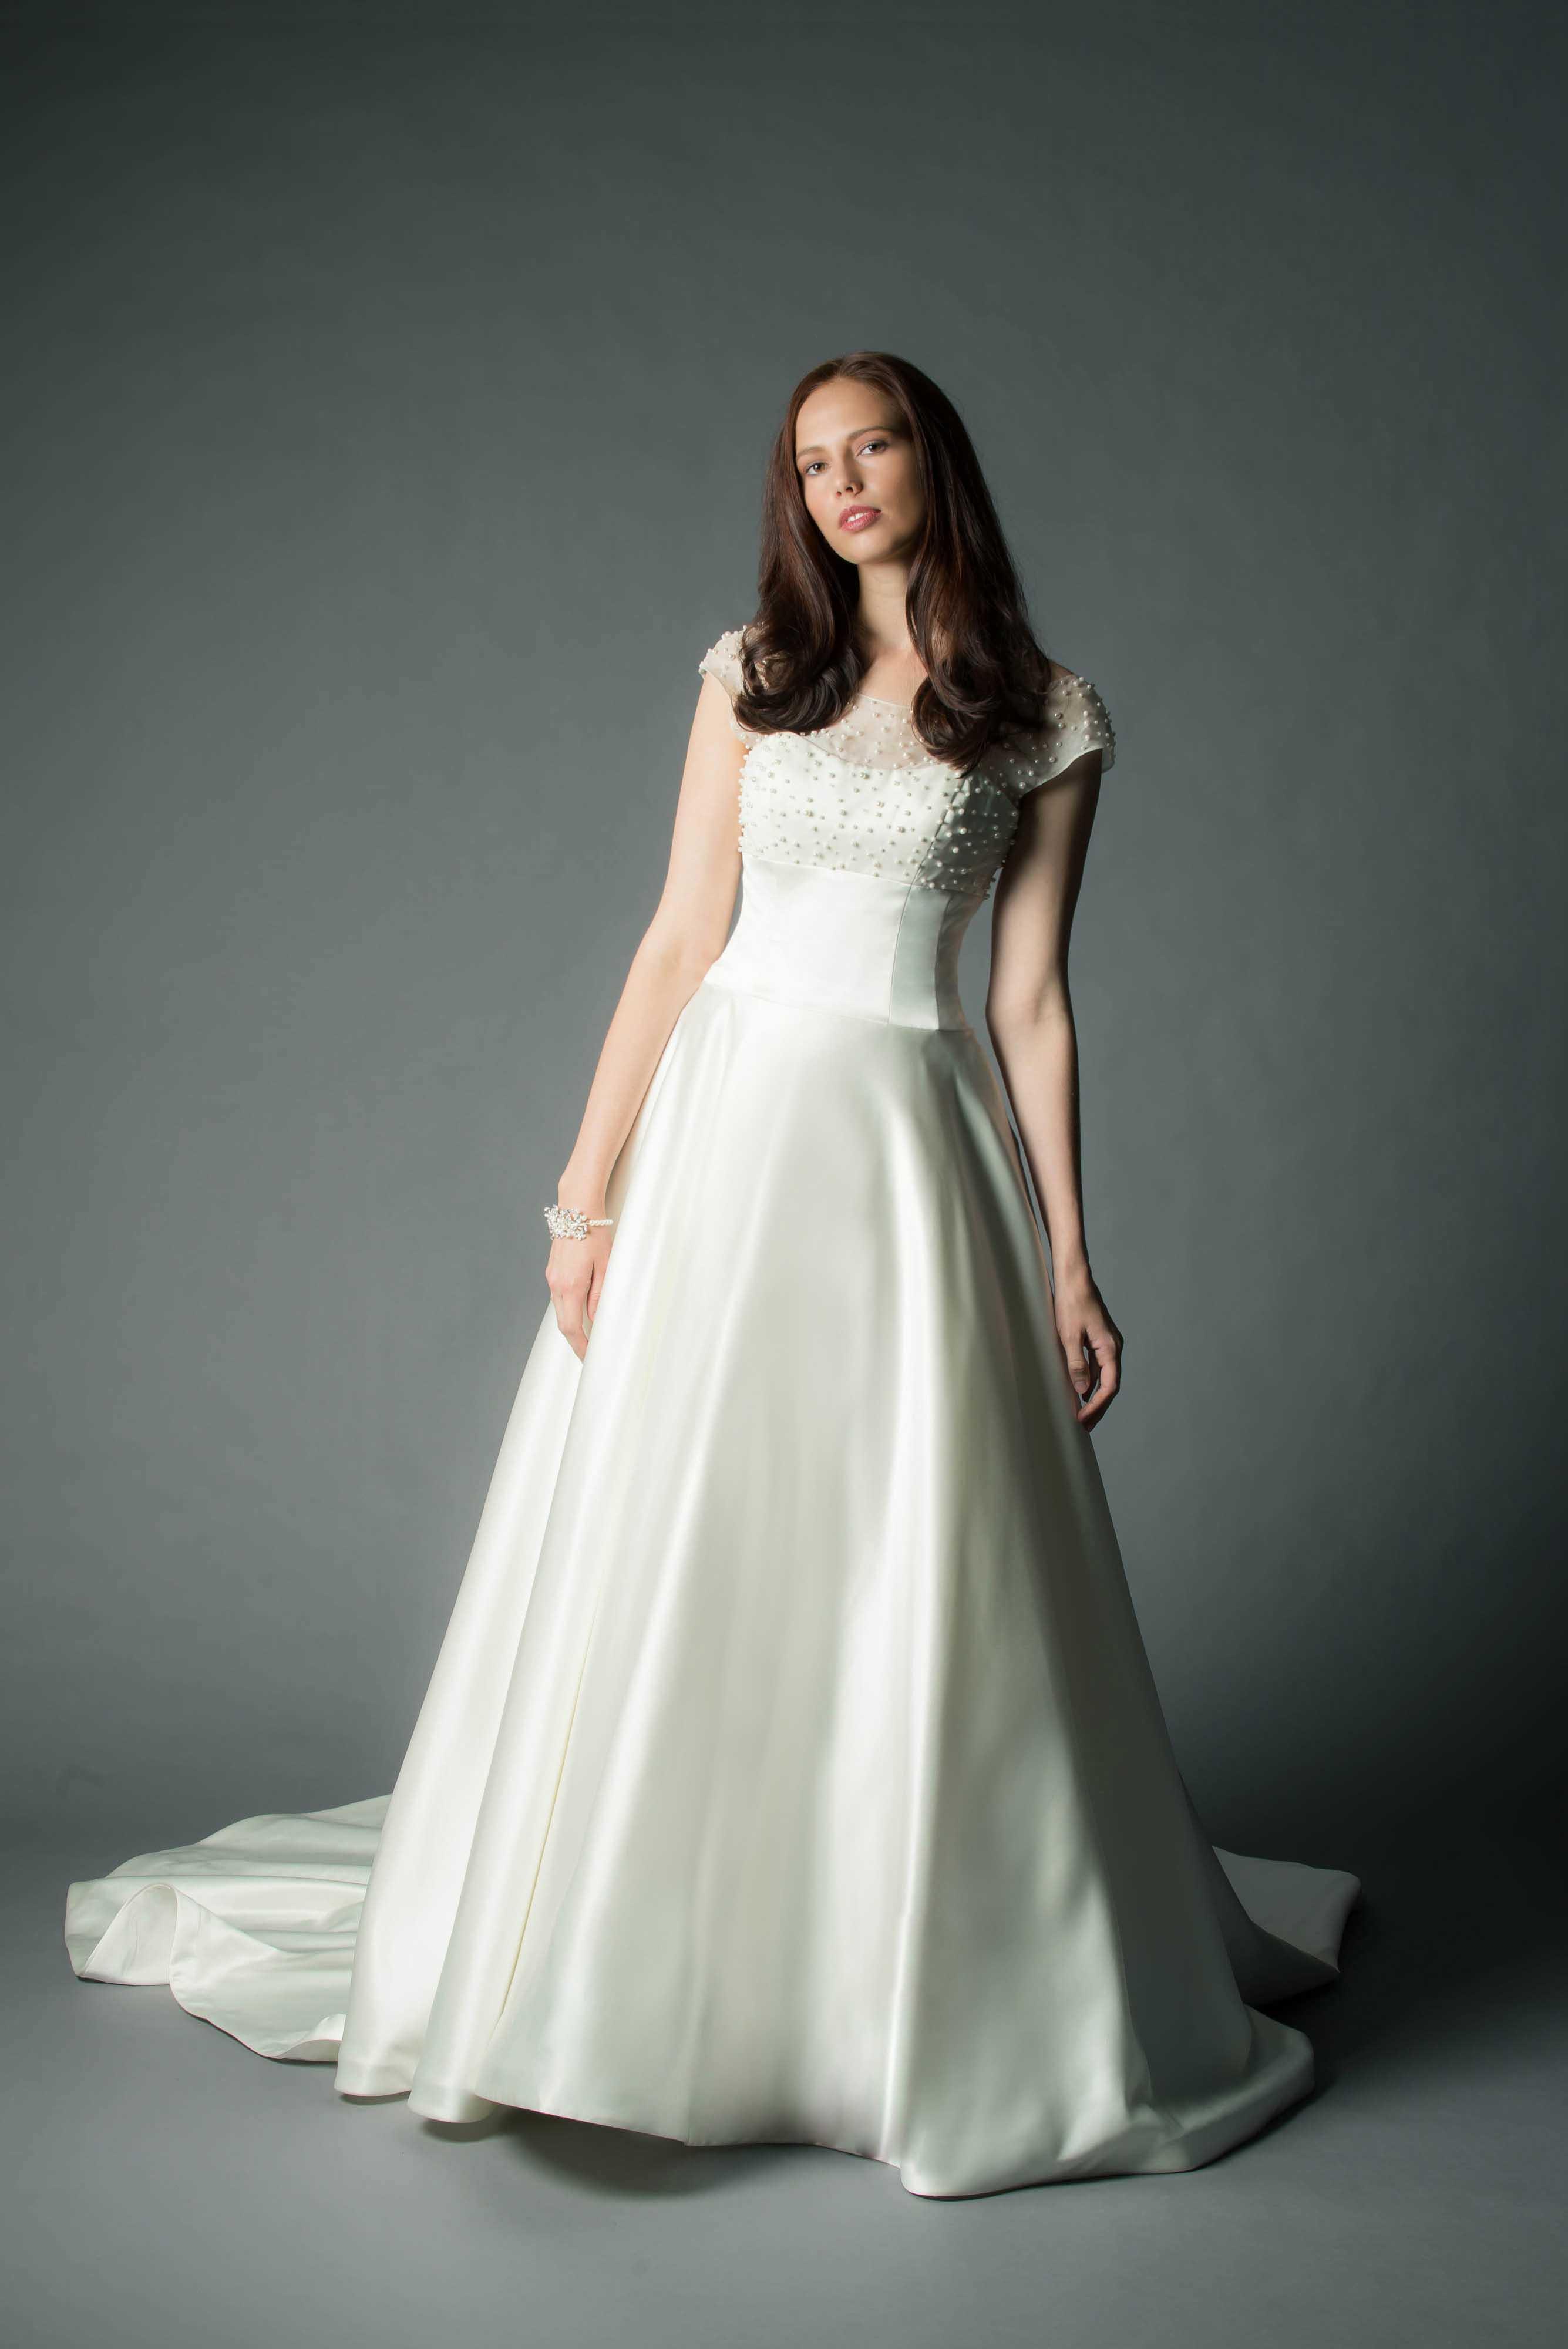 MiaMia - Wedding Dress Eva